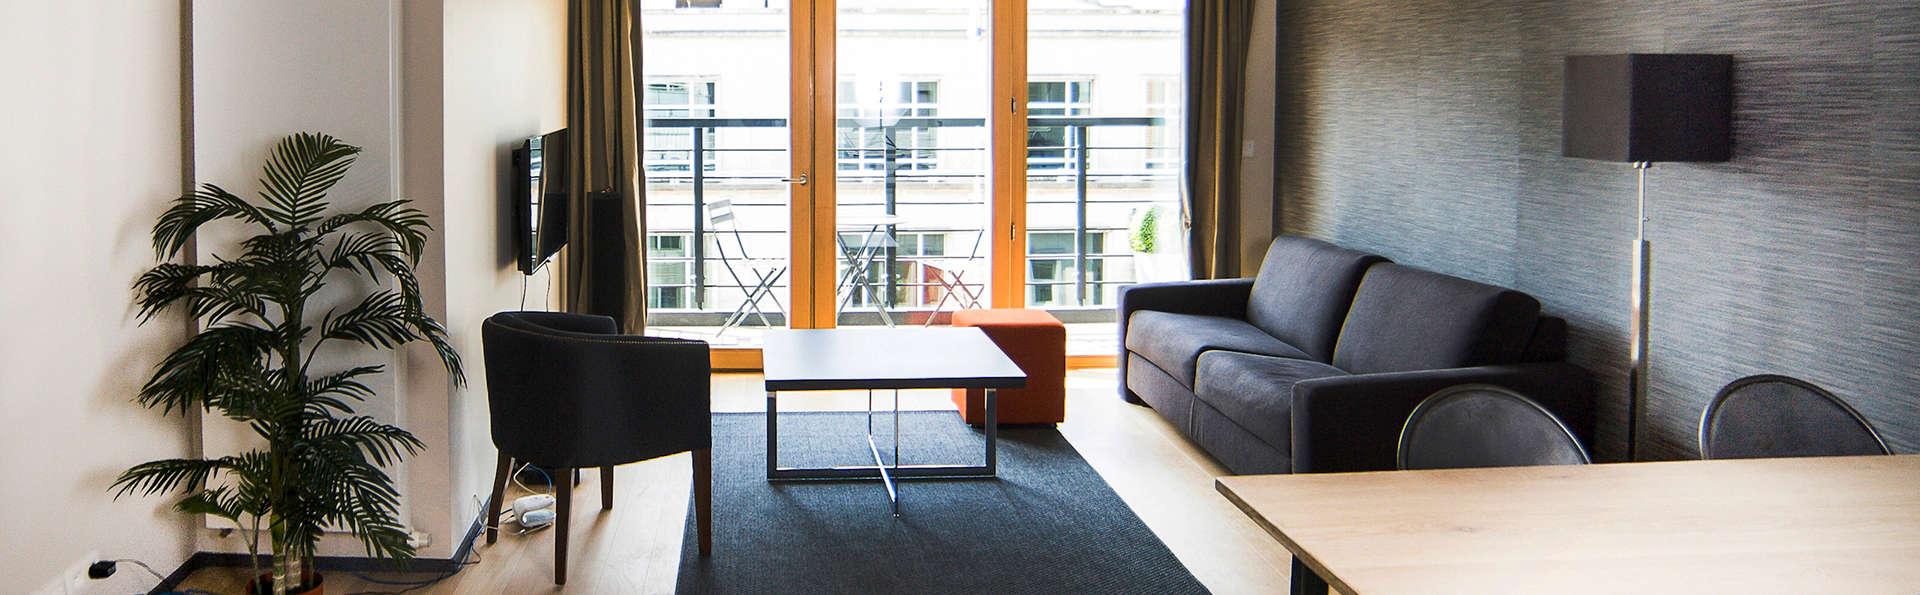 Profitez d'un appartement de luxe à Bruxelles